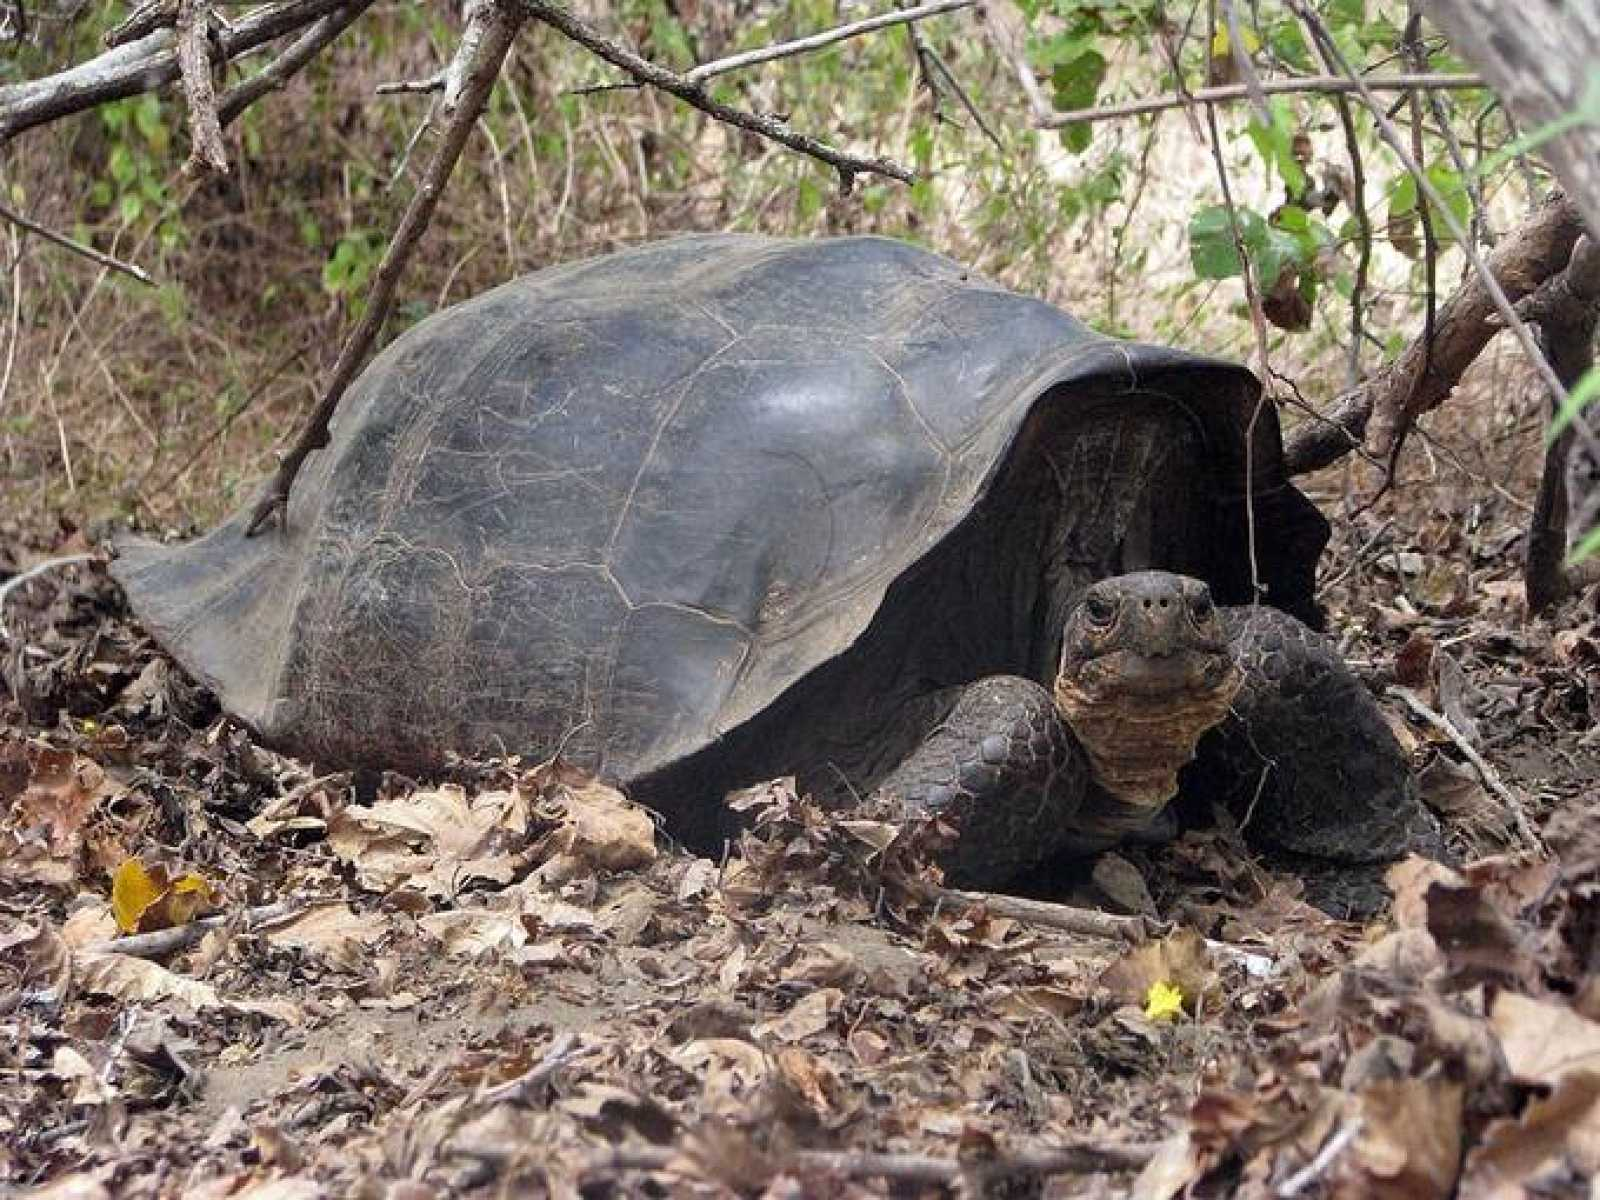 Una tortuga híbrida de 'C. becki' en las que se han descubierto rastros genéticos de la especie desaparecida